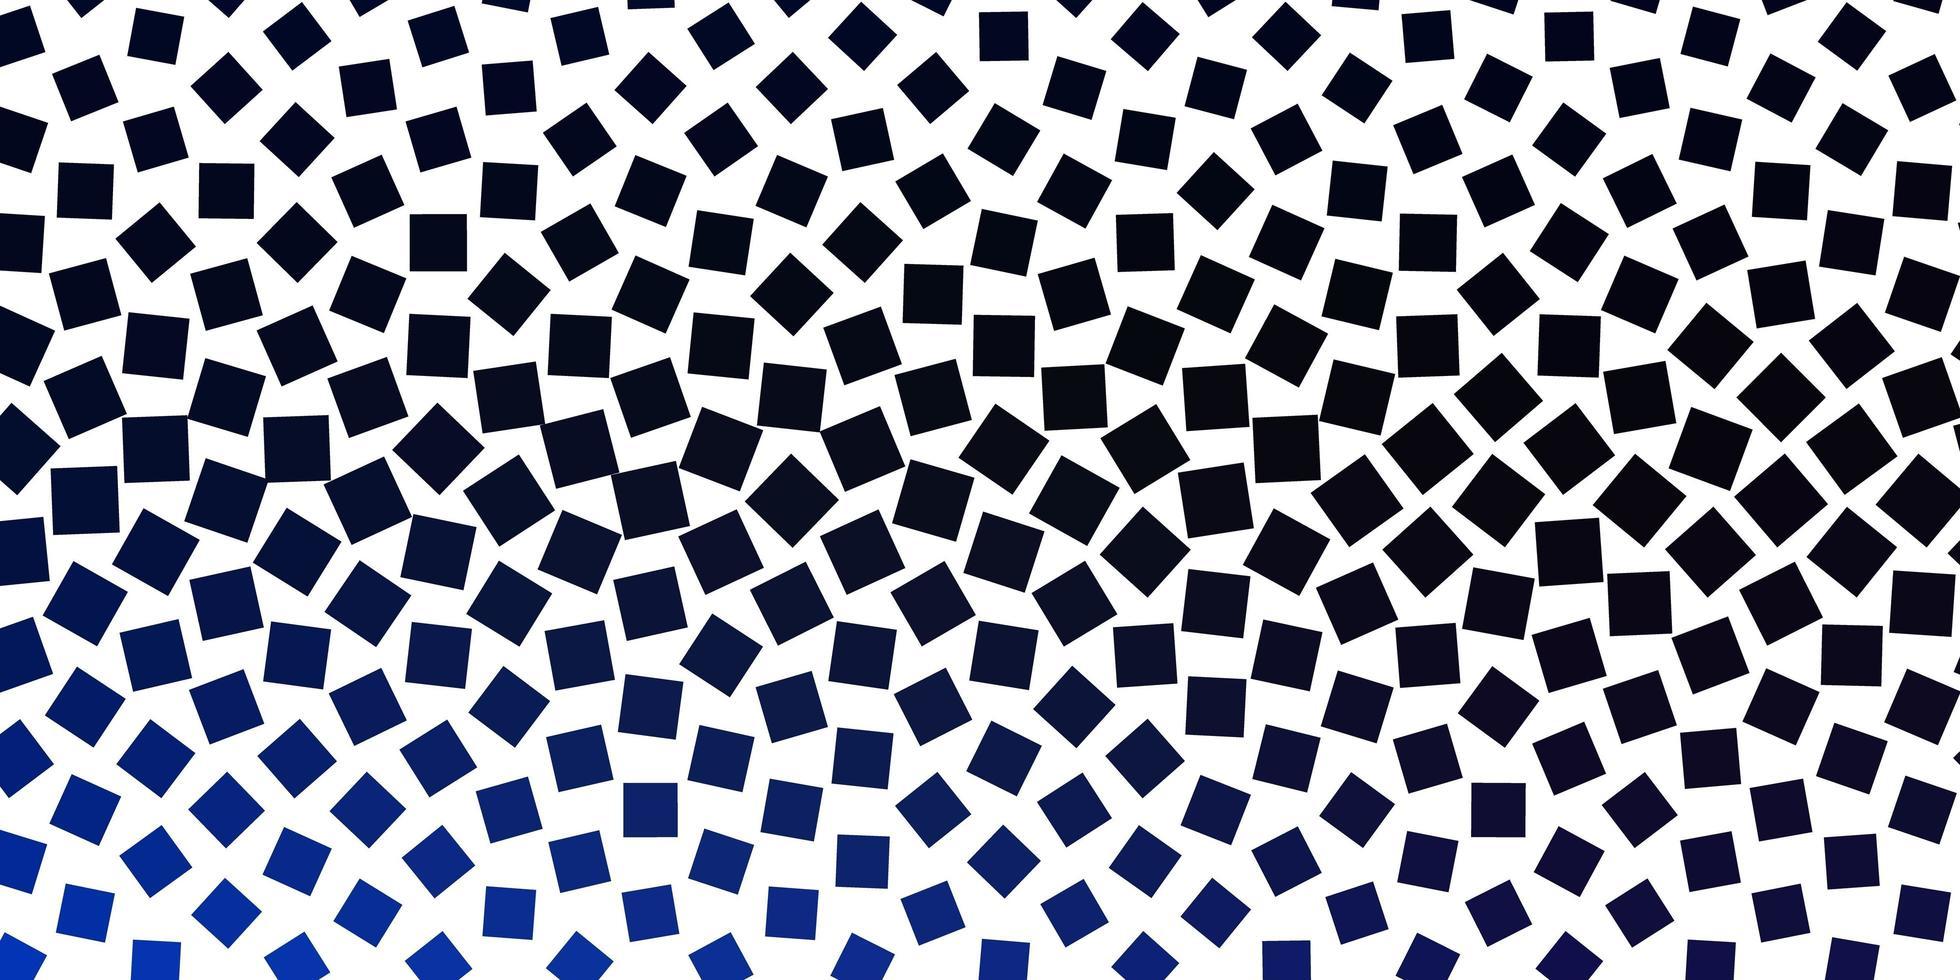 mörkblå bakgrund med rutor. vektor